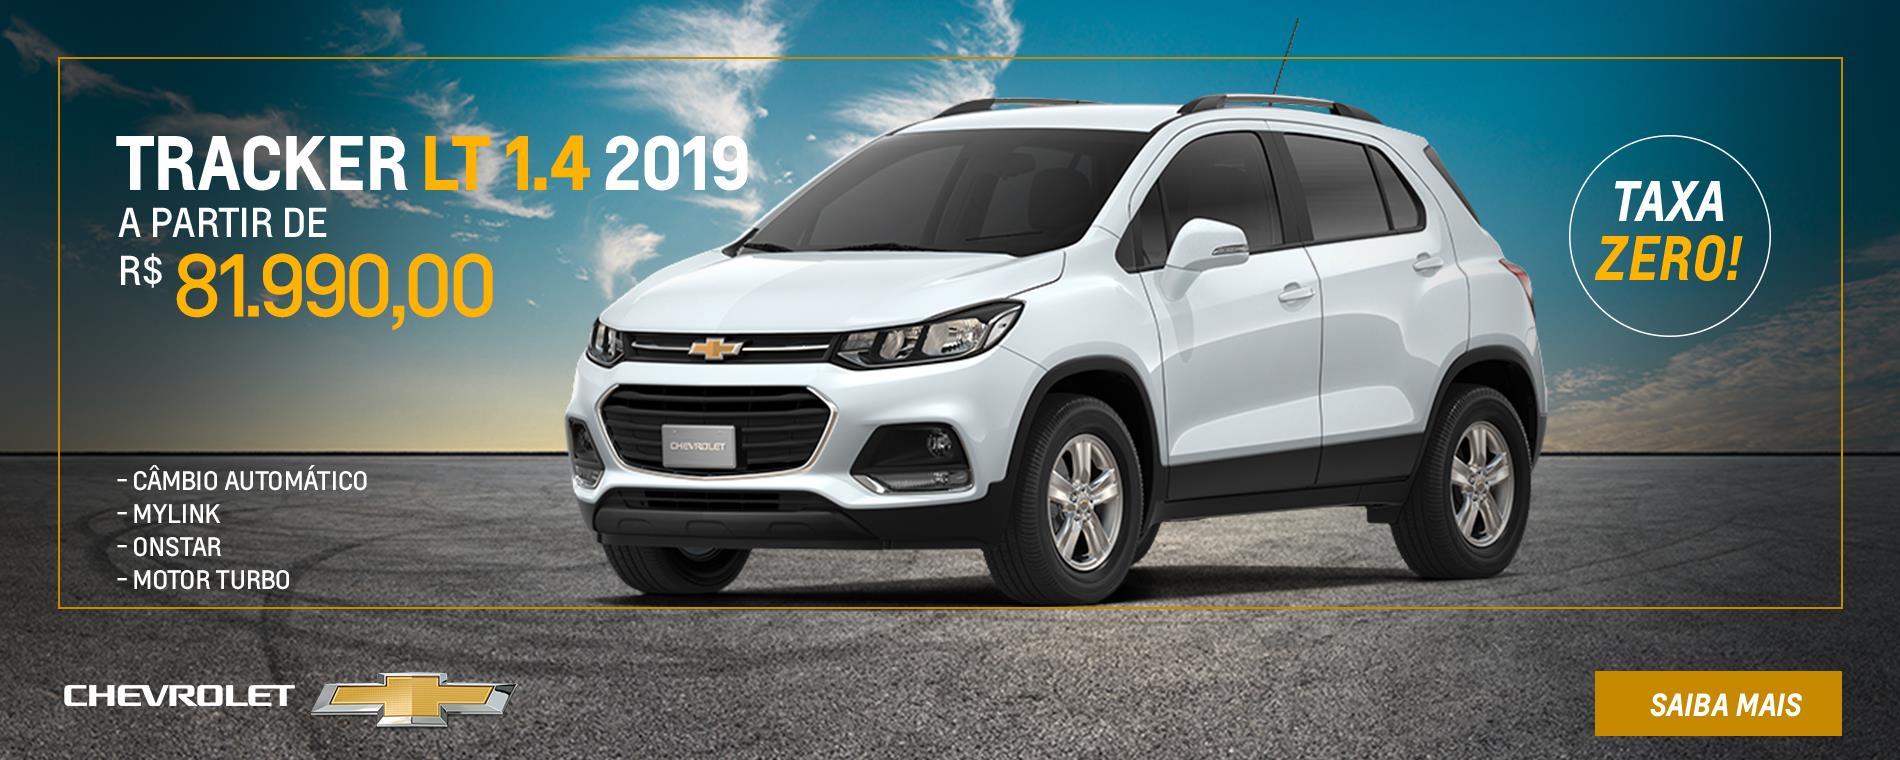 21_West-Motors_Tracker-LT-1.4-2019_DestaqueDesk